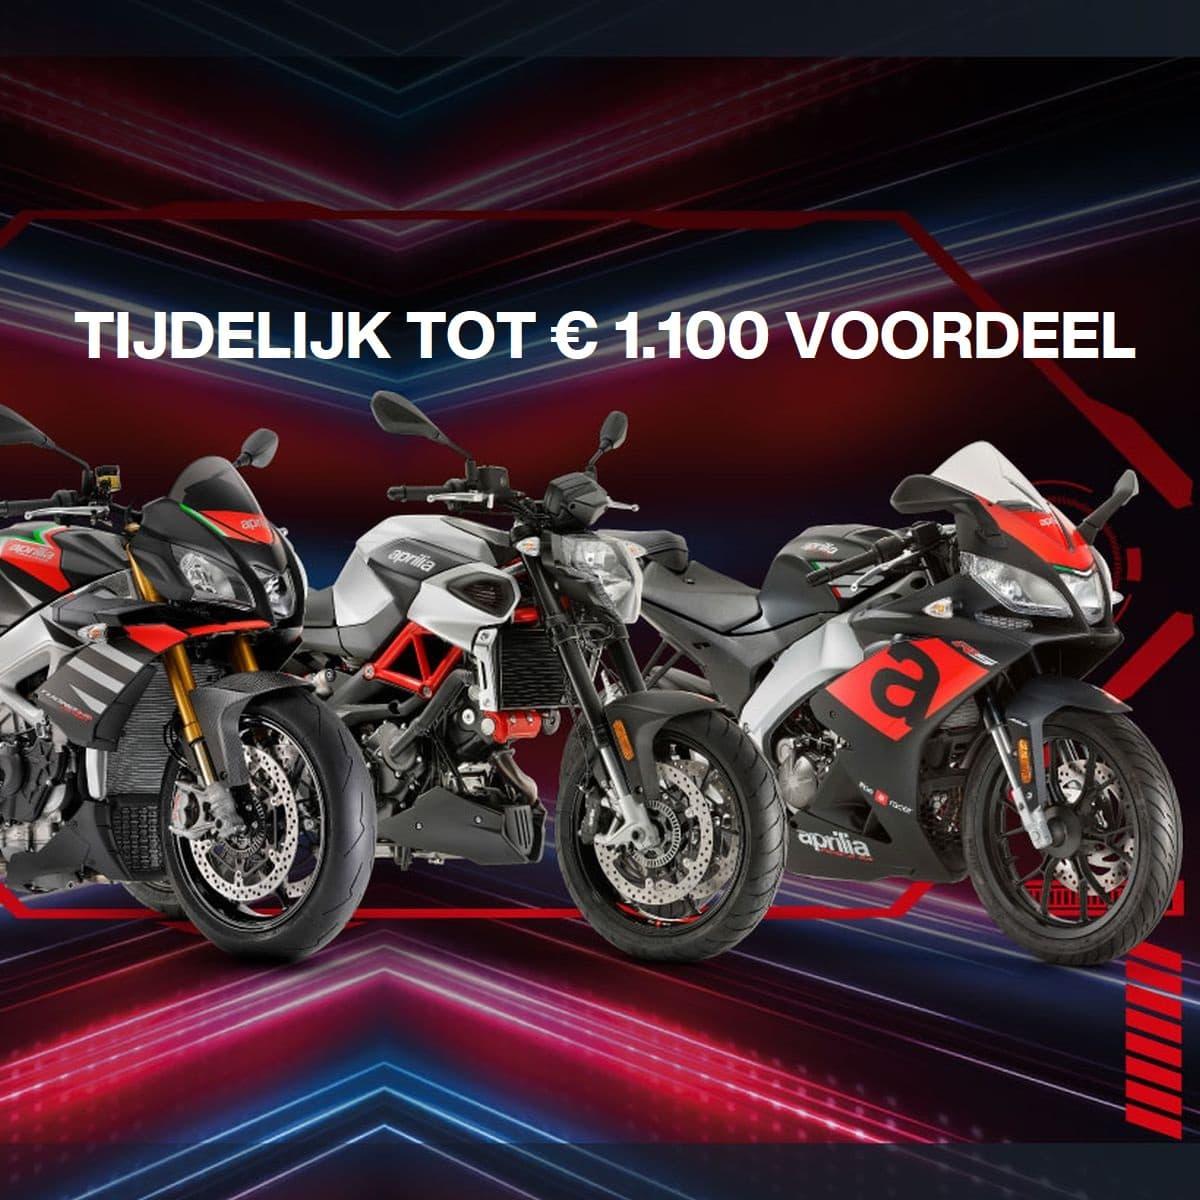 Tijdelijk tot €1.100 voordeel op alle Aprilia-motorfietsen.